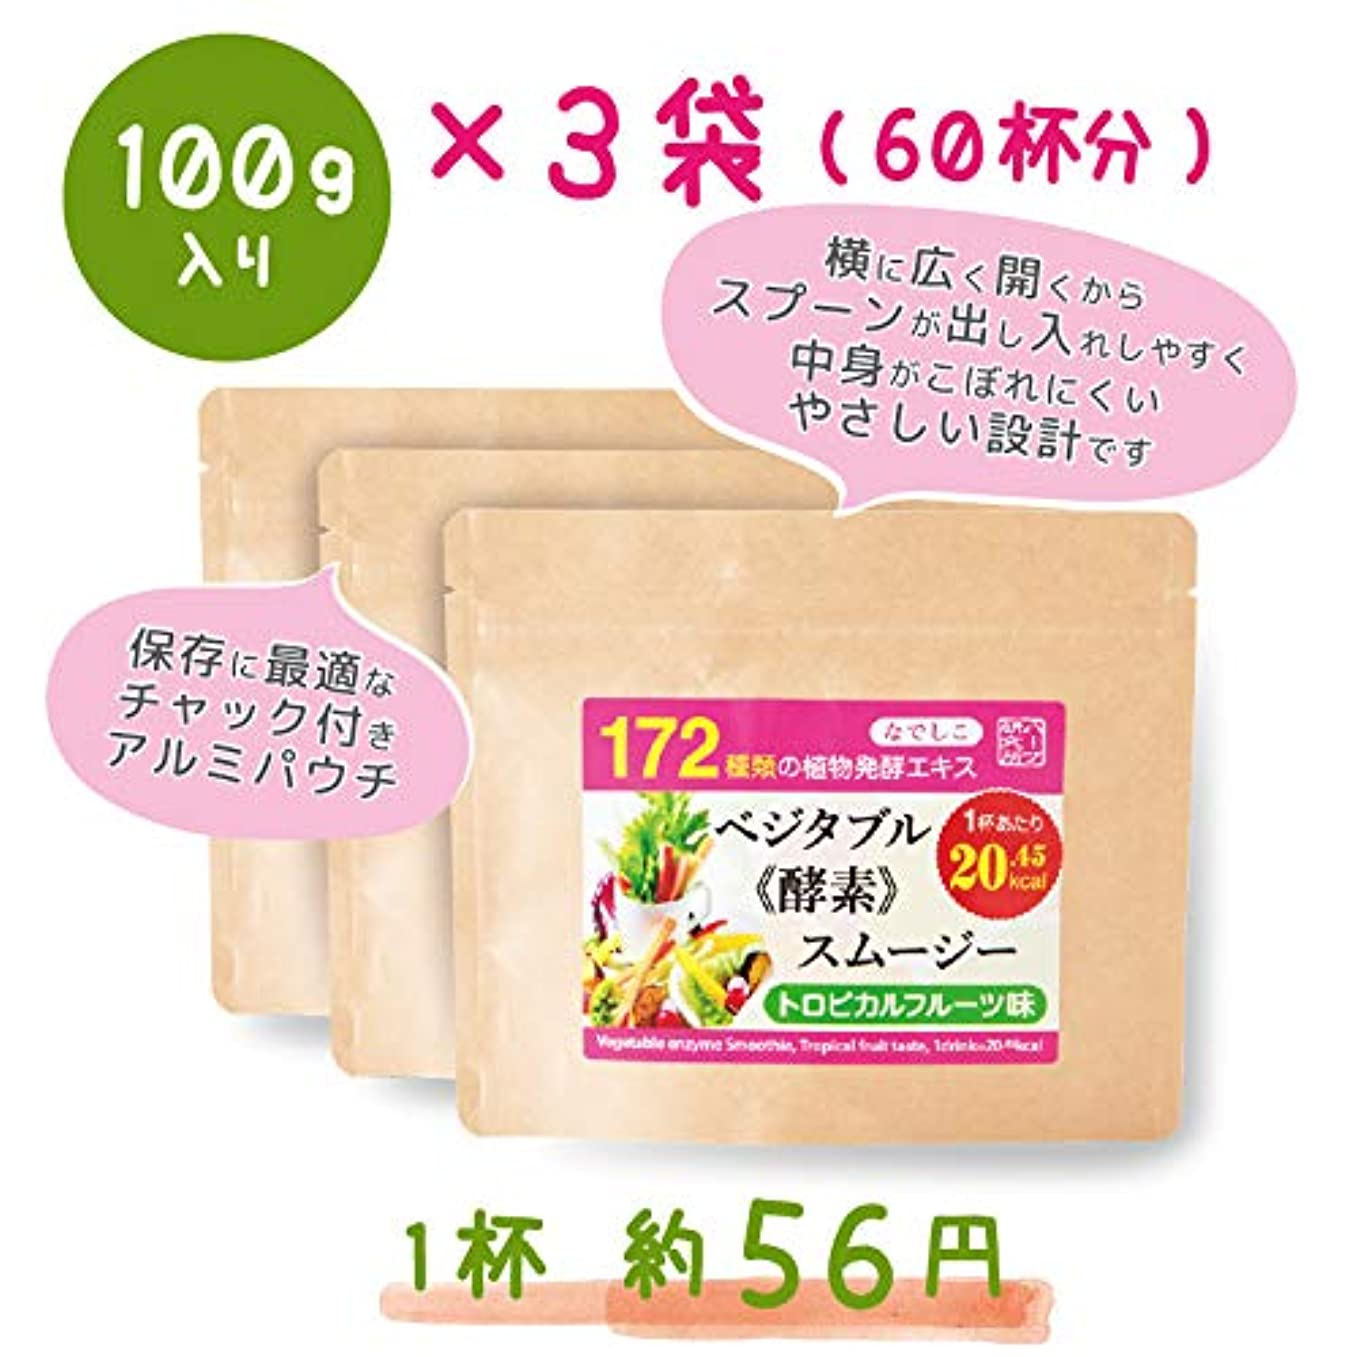 ジェムダーツ借りるグリーン酵素ダイエットスムージー(ストロベリー味)300g (100g×3パック)で20%OFF